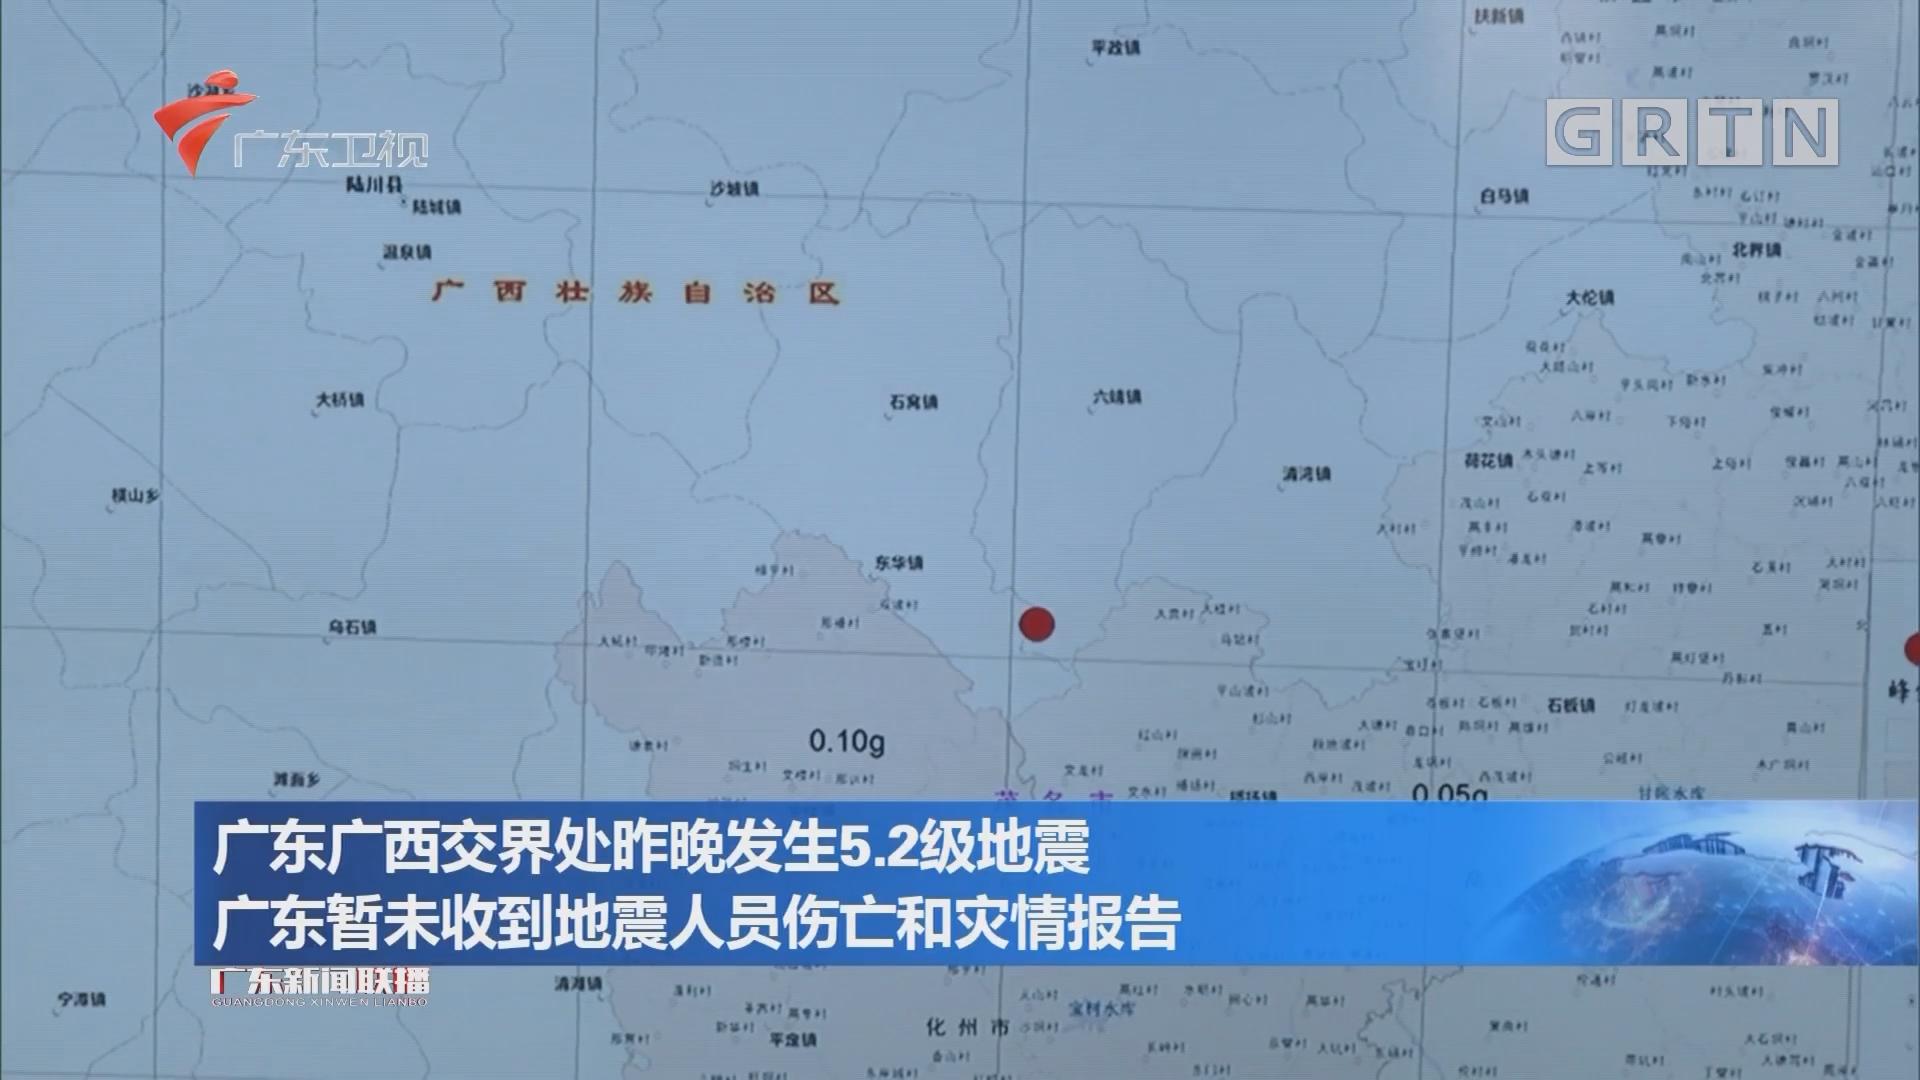 廣東廣西交界處昨晚發生5.2級地震 廣東暫未收到地震人員傷亡和災情報告